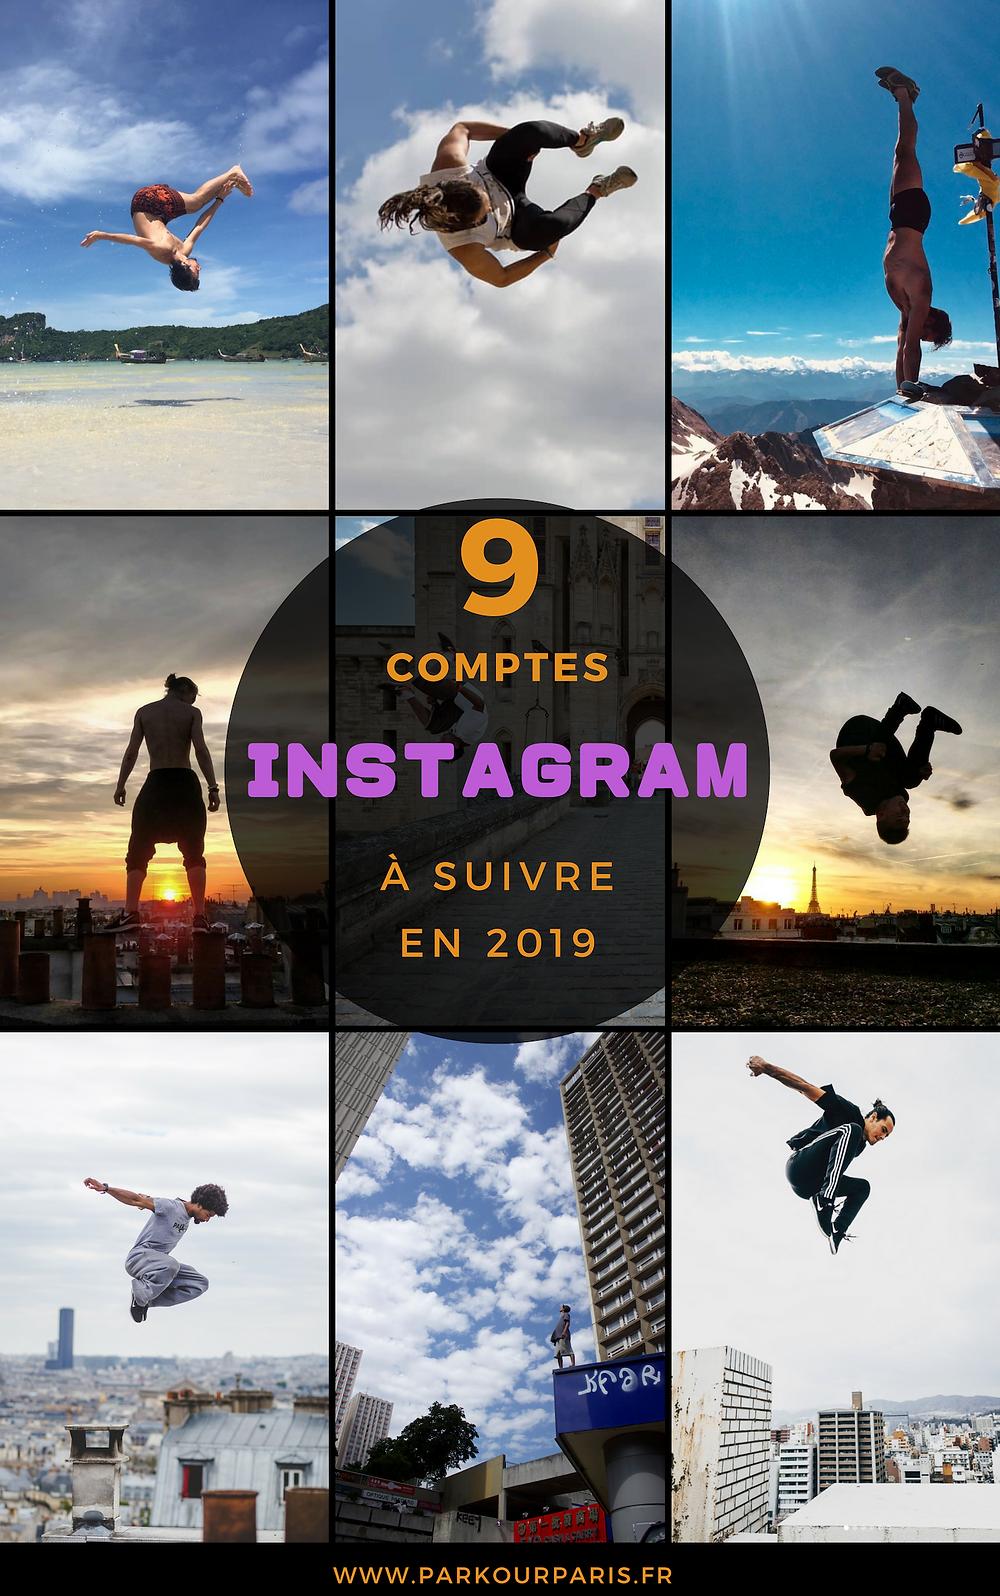 9 comptes Instagram à suivre en 2019